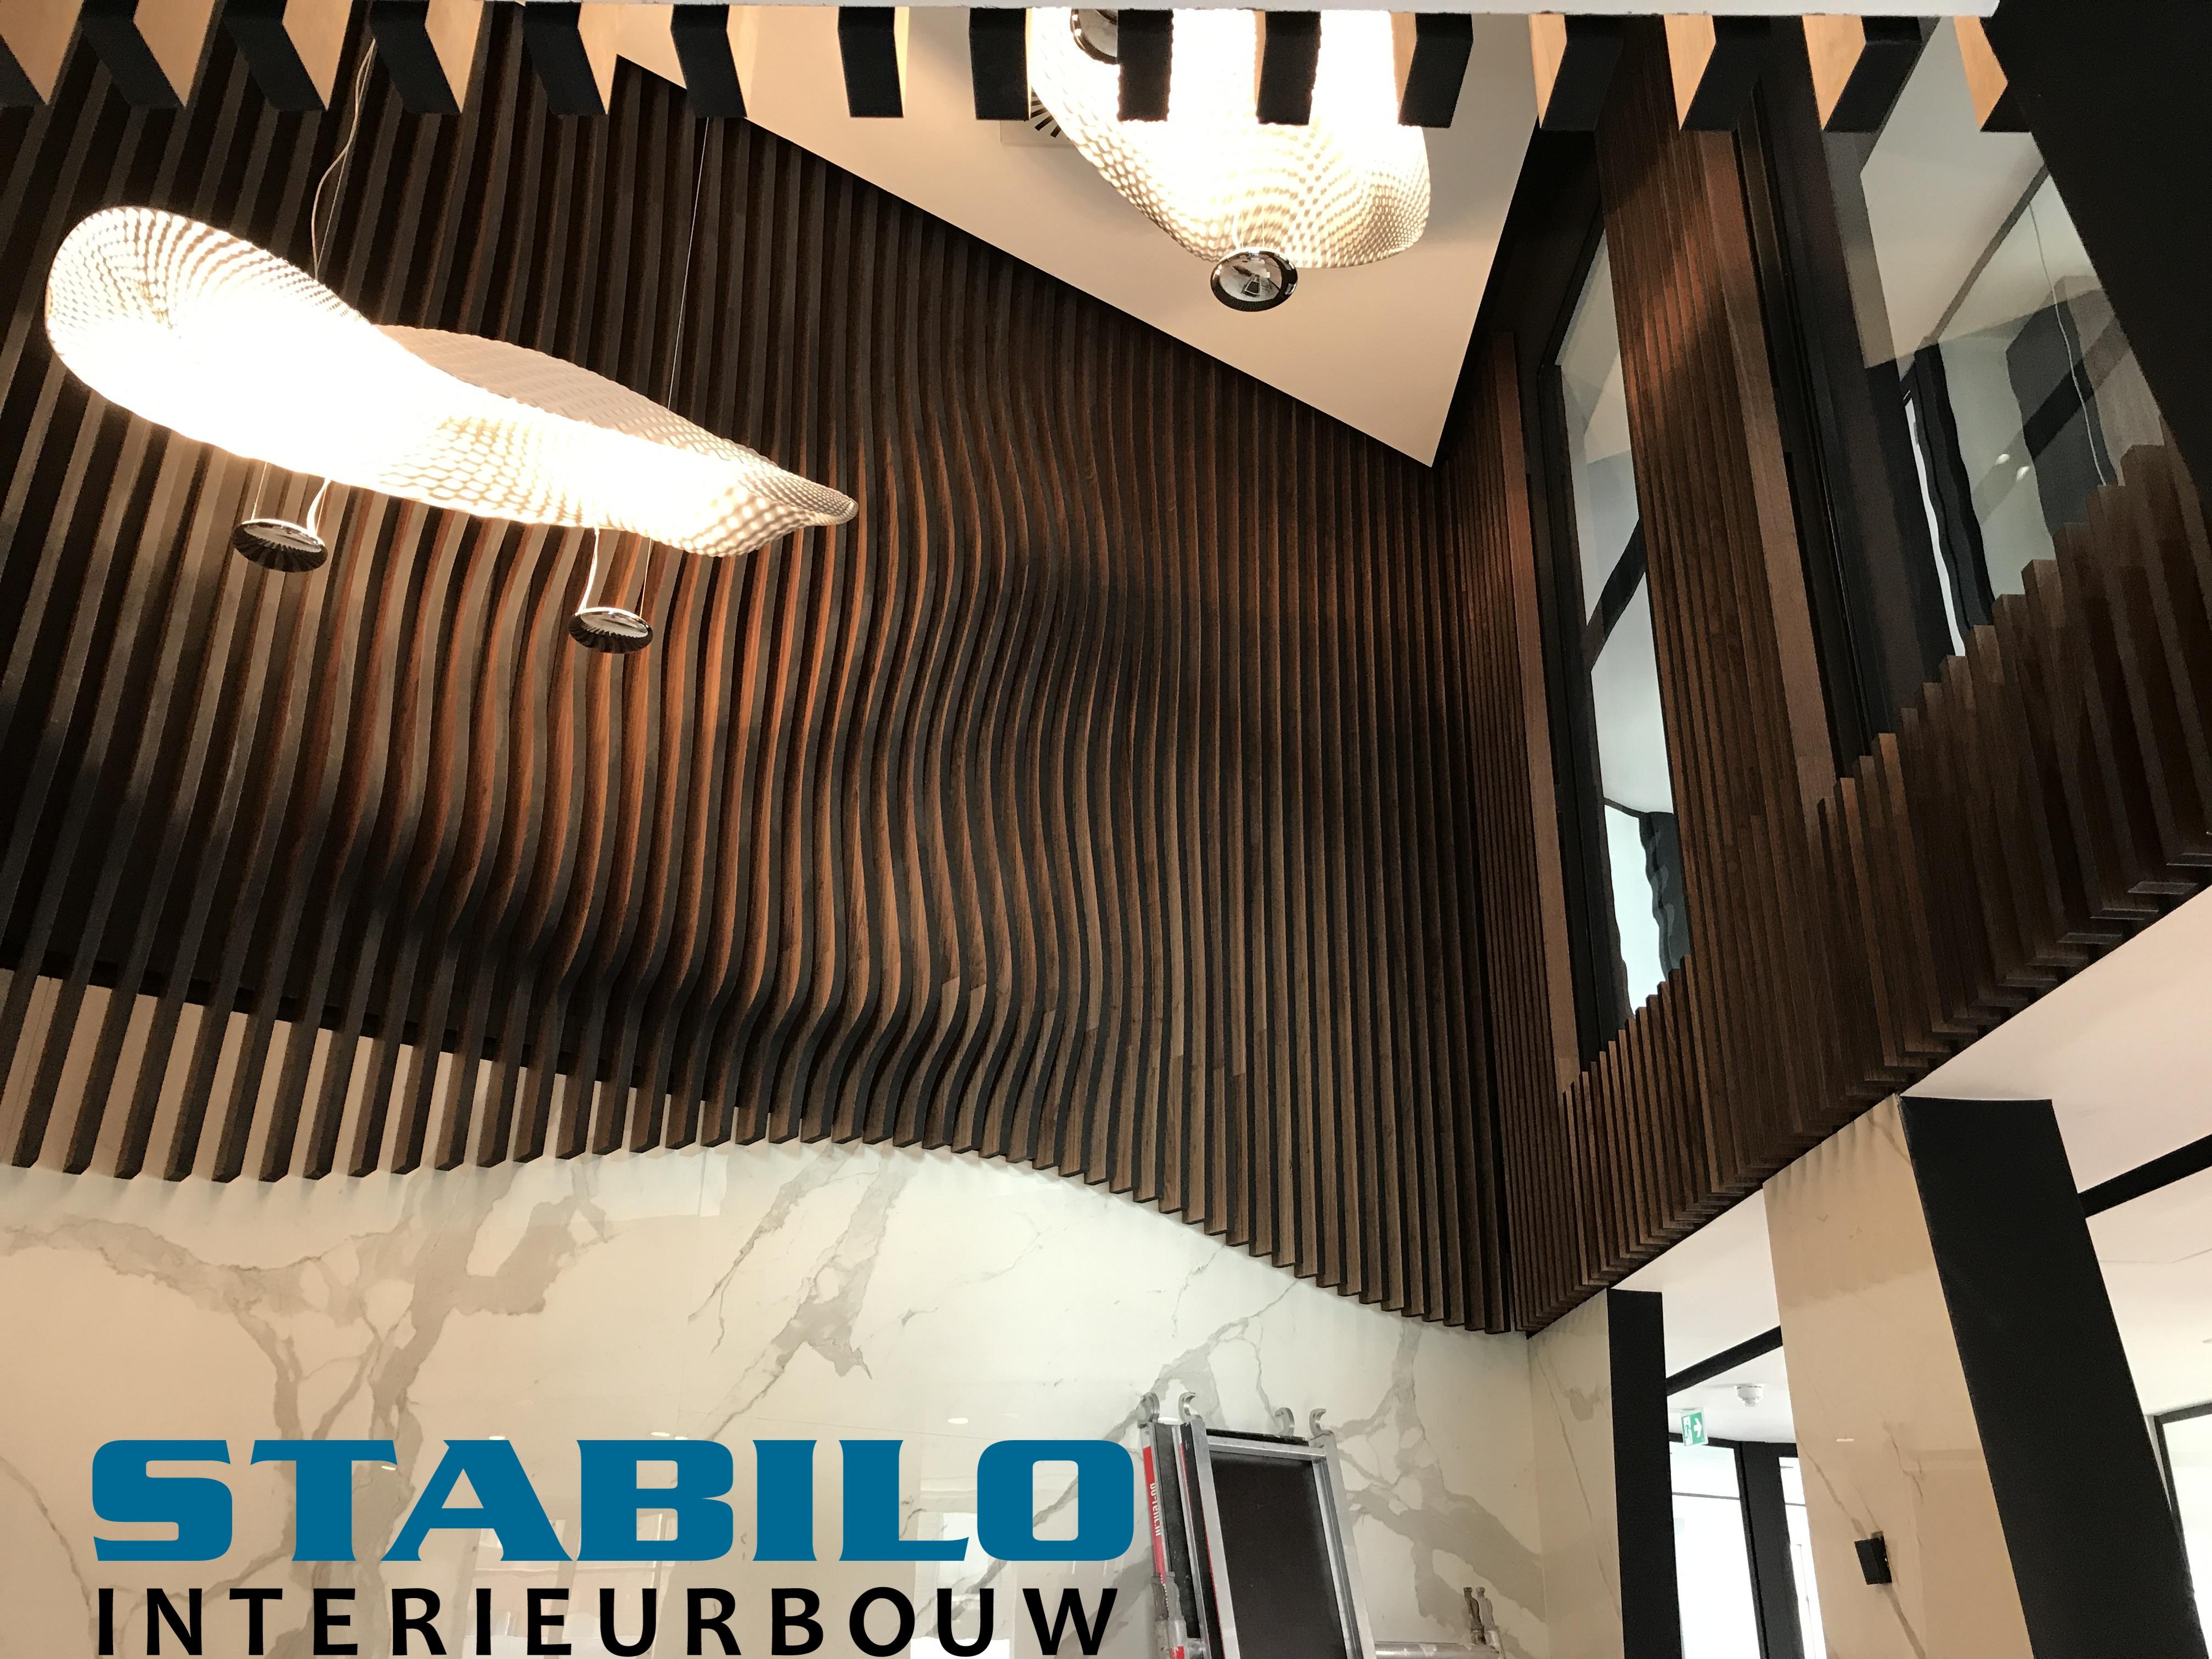 Kantoorpand Eindhoven Stabilo Interieurbouw